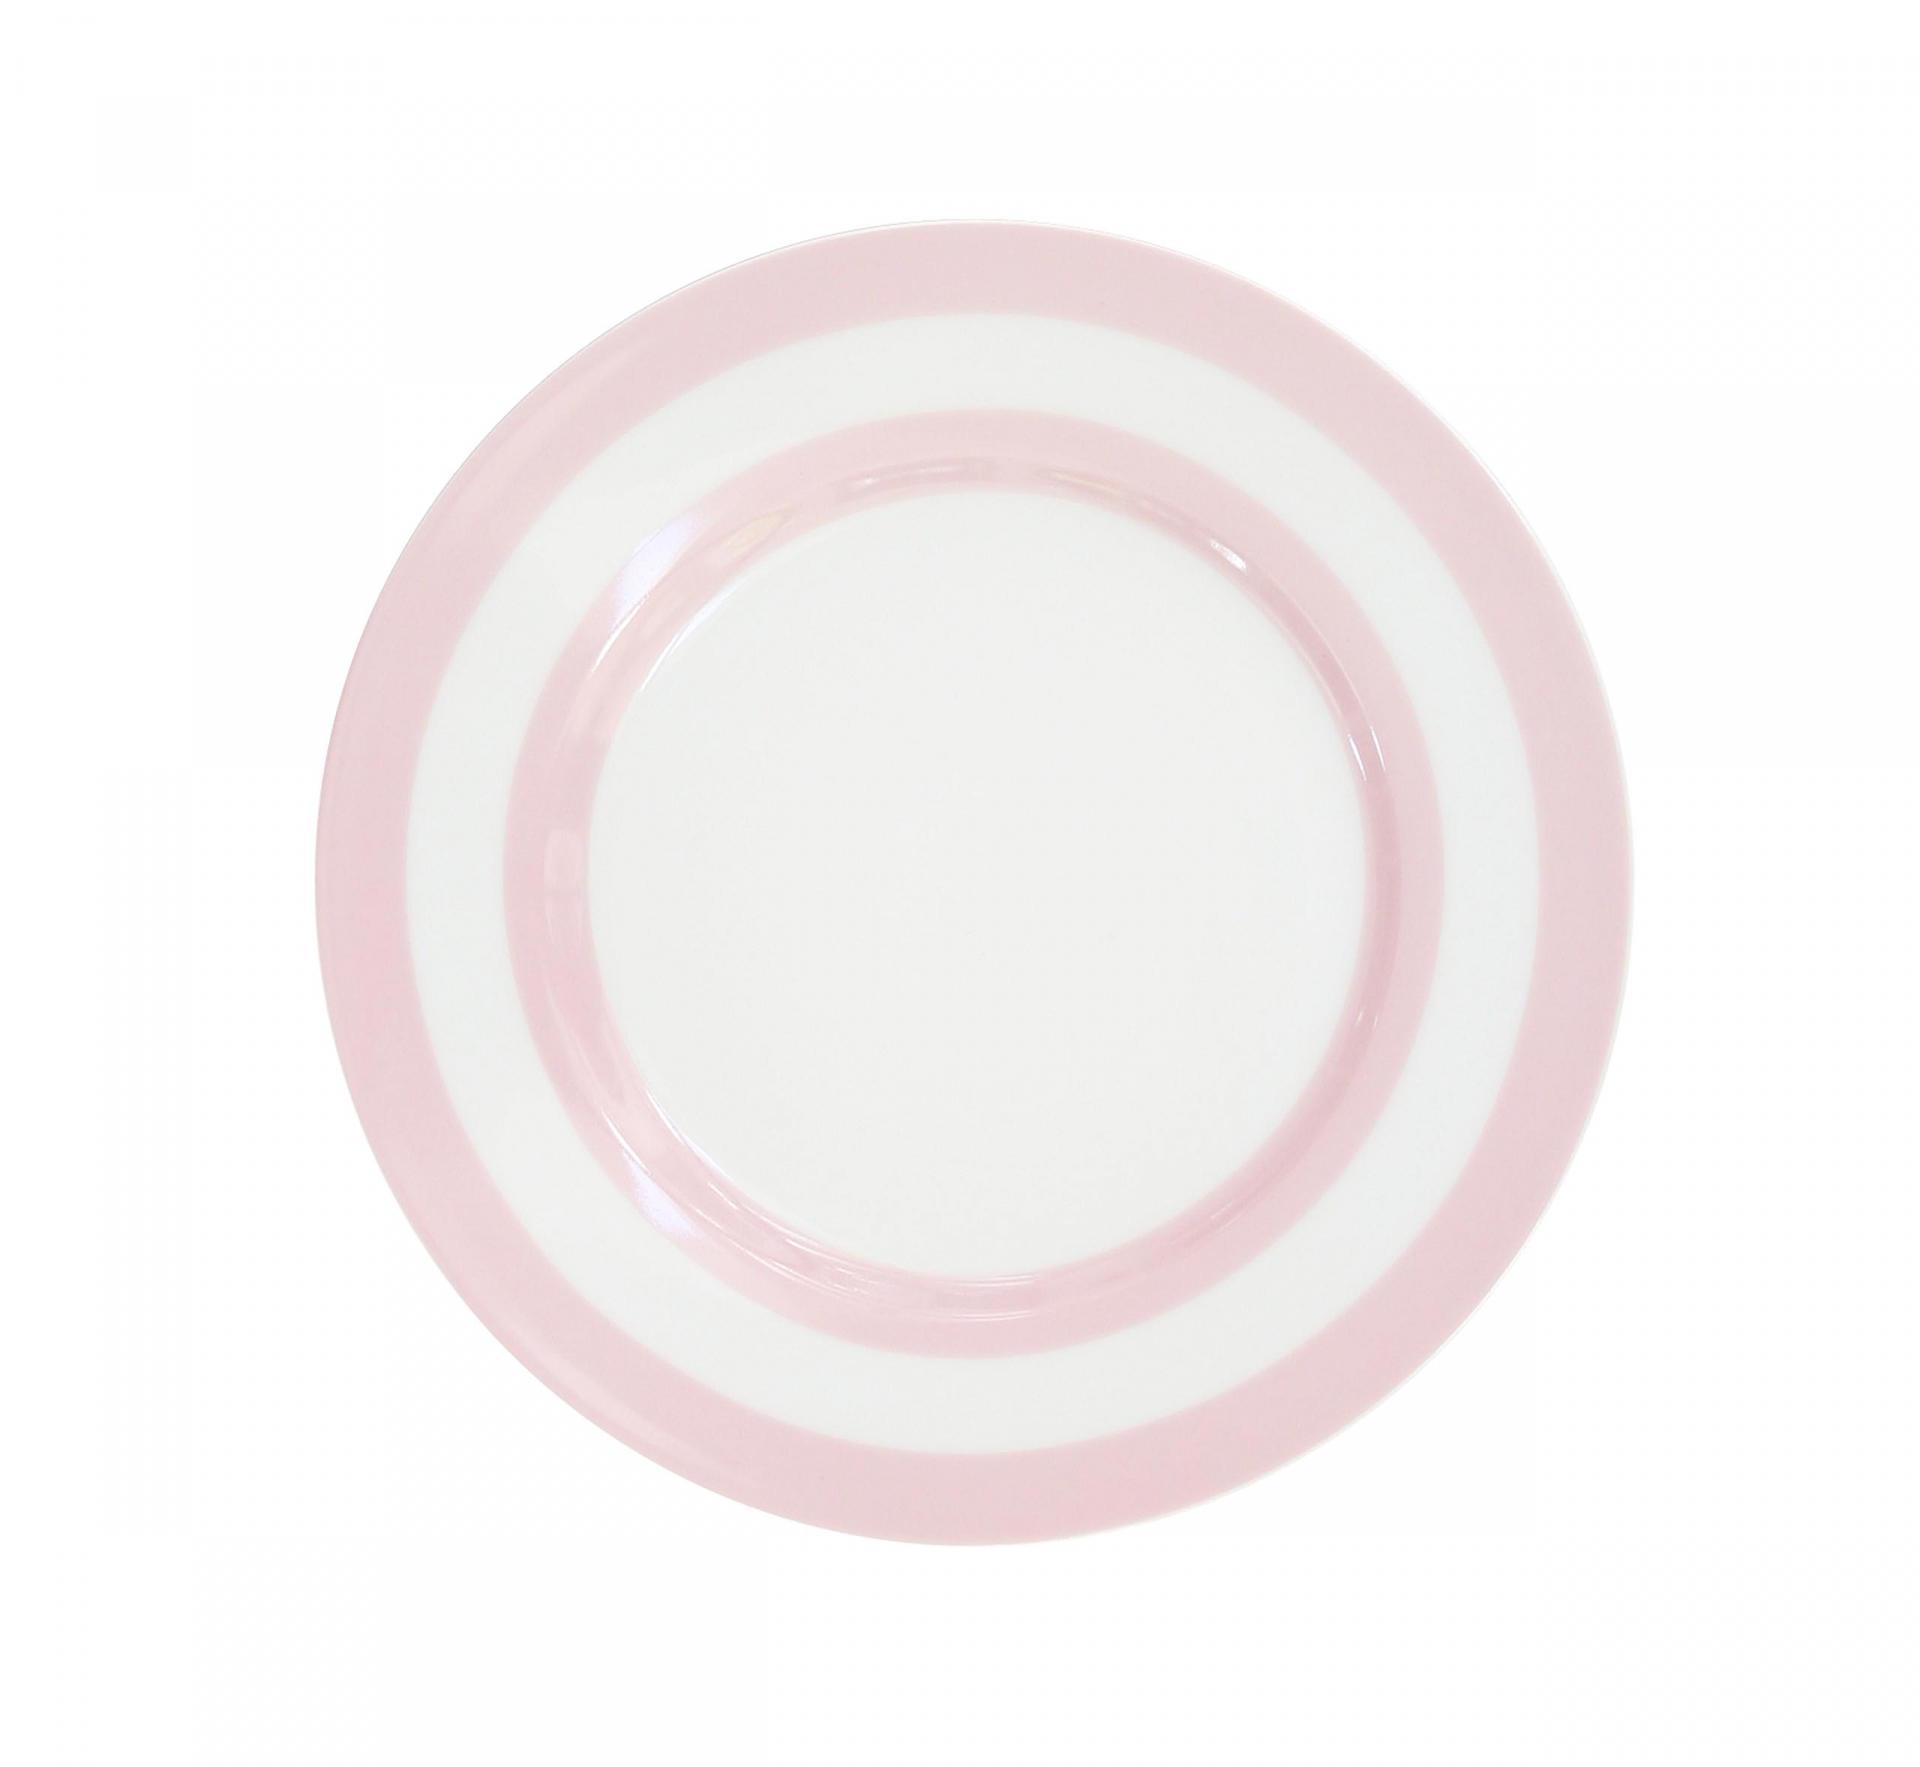 Krasilnikoff Dezertní talíř Pink Stripes, růžová barva, bílá barva, porcelán